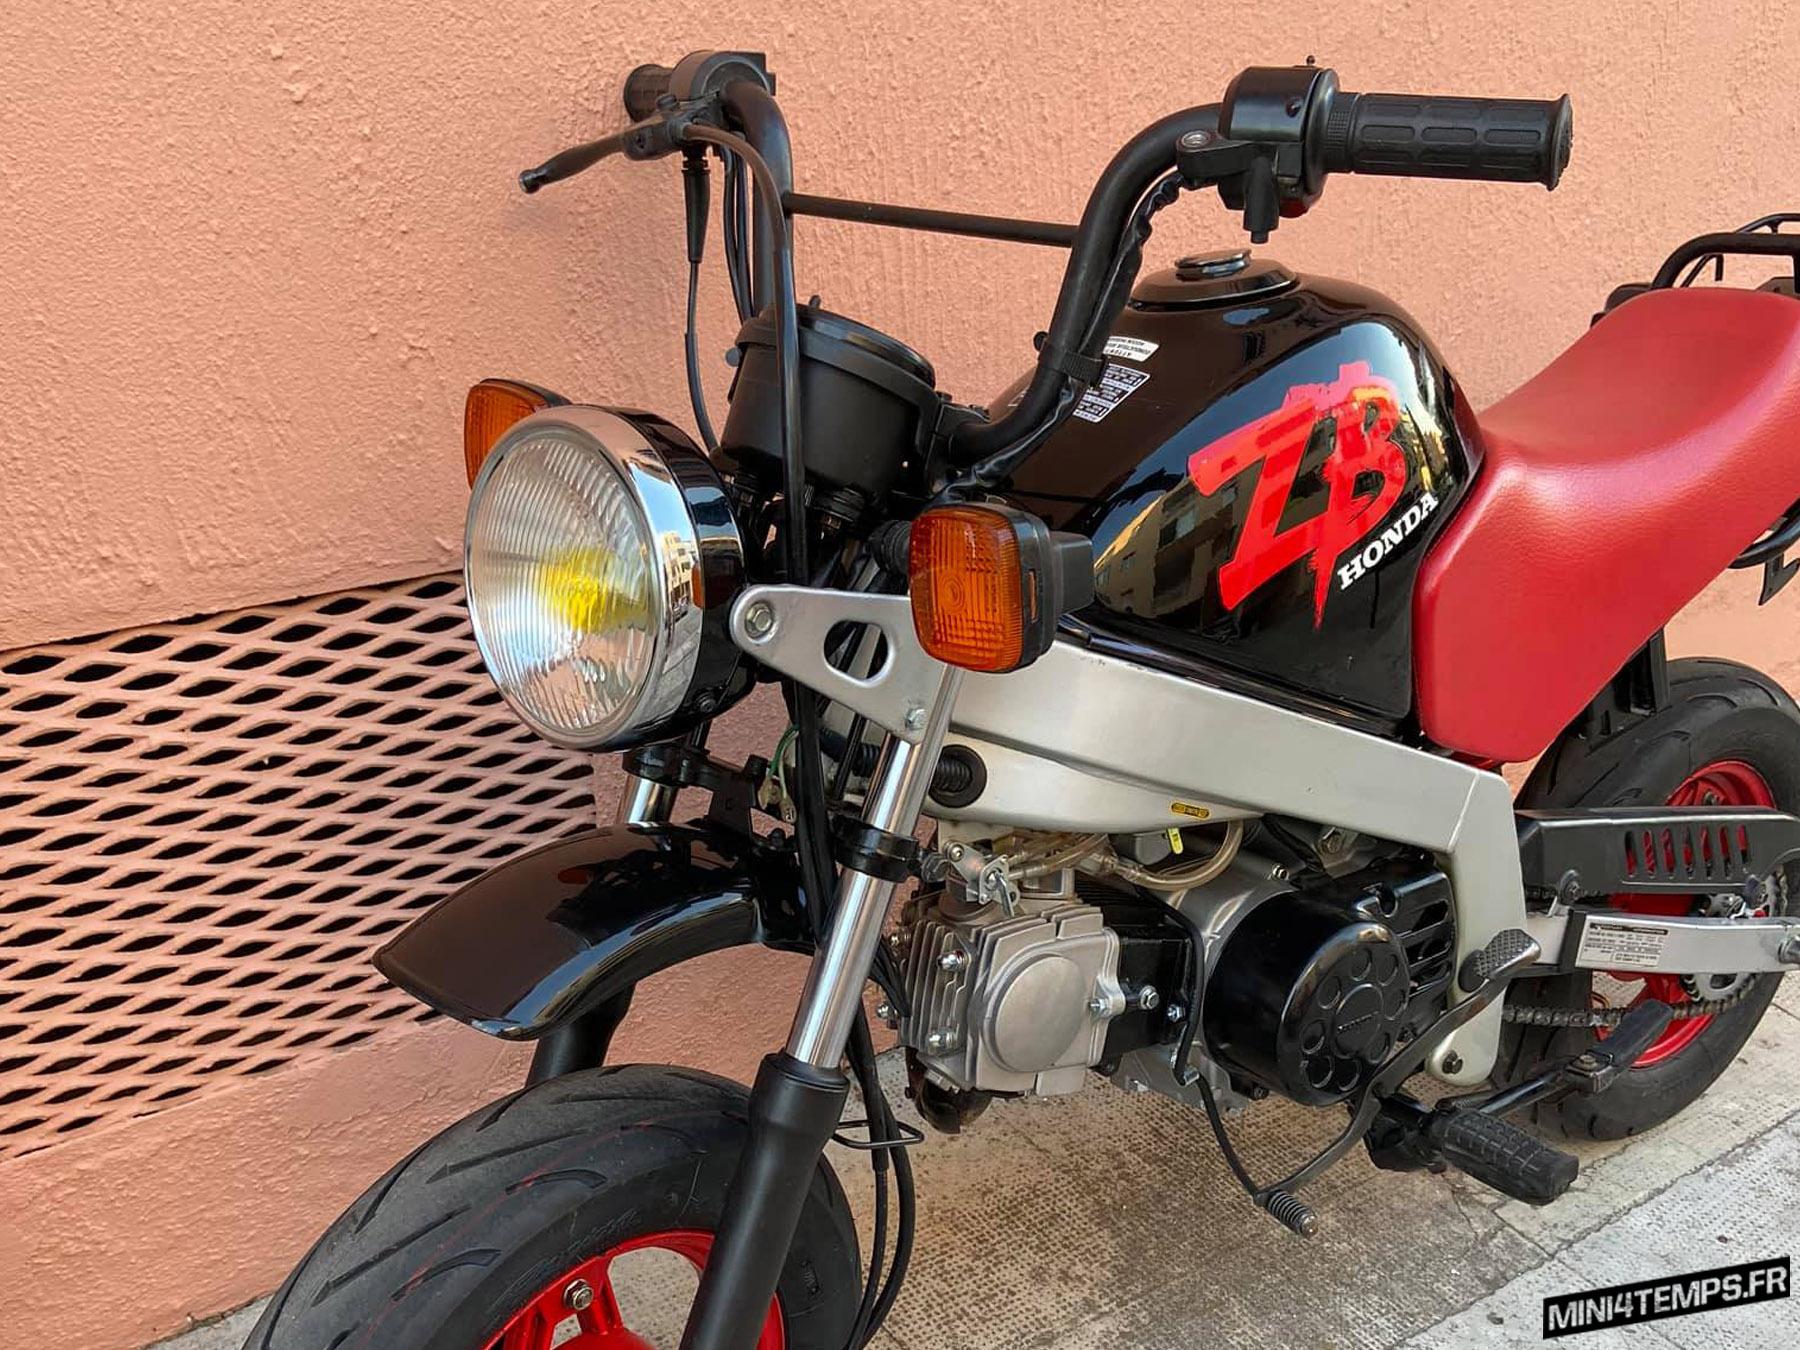 Le Honda ZB 50 de 1988 de Max - mini4temps.fr